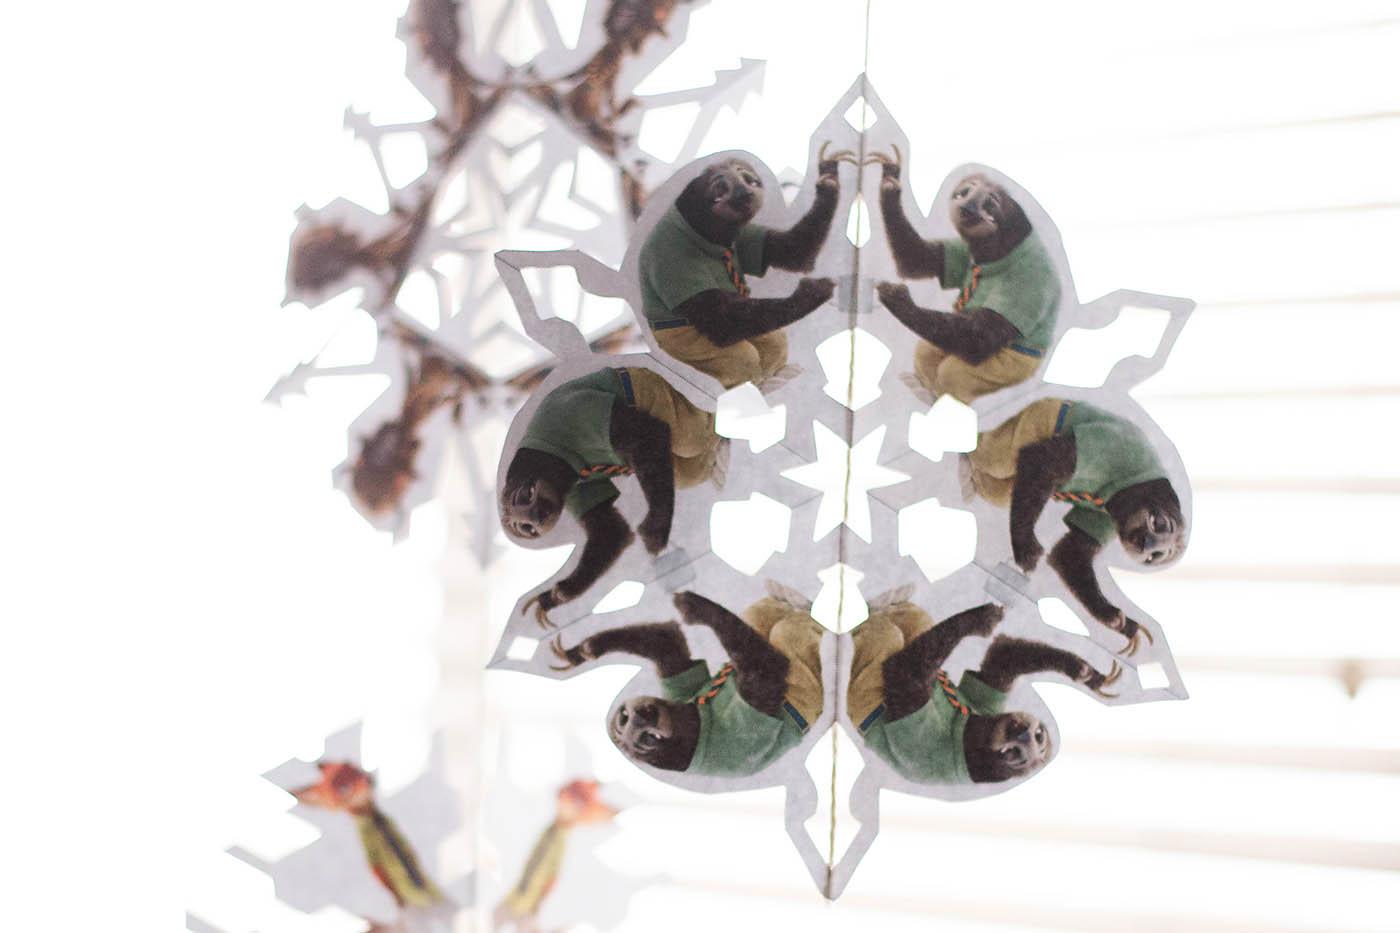 Free printable Zootopia Snowflakes